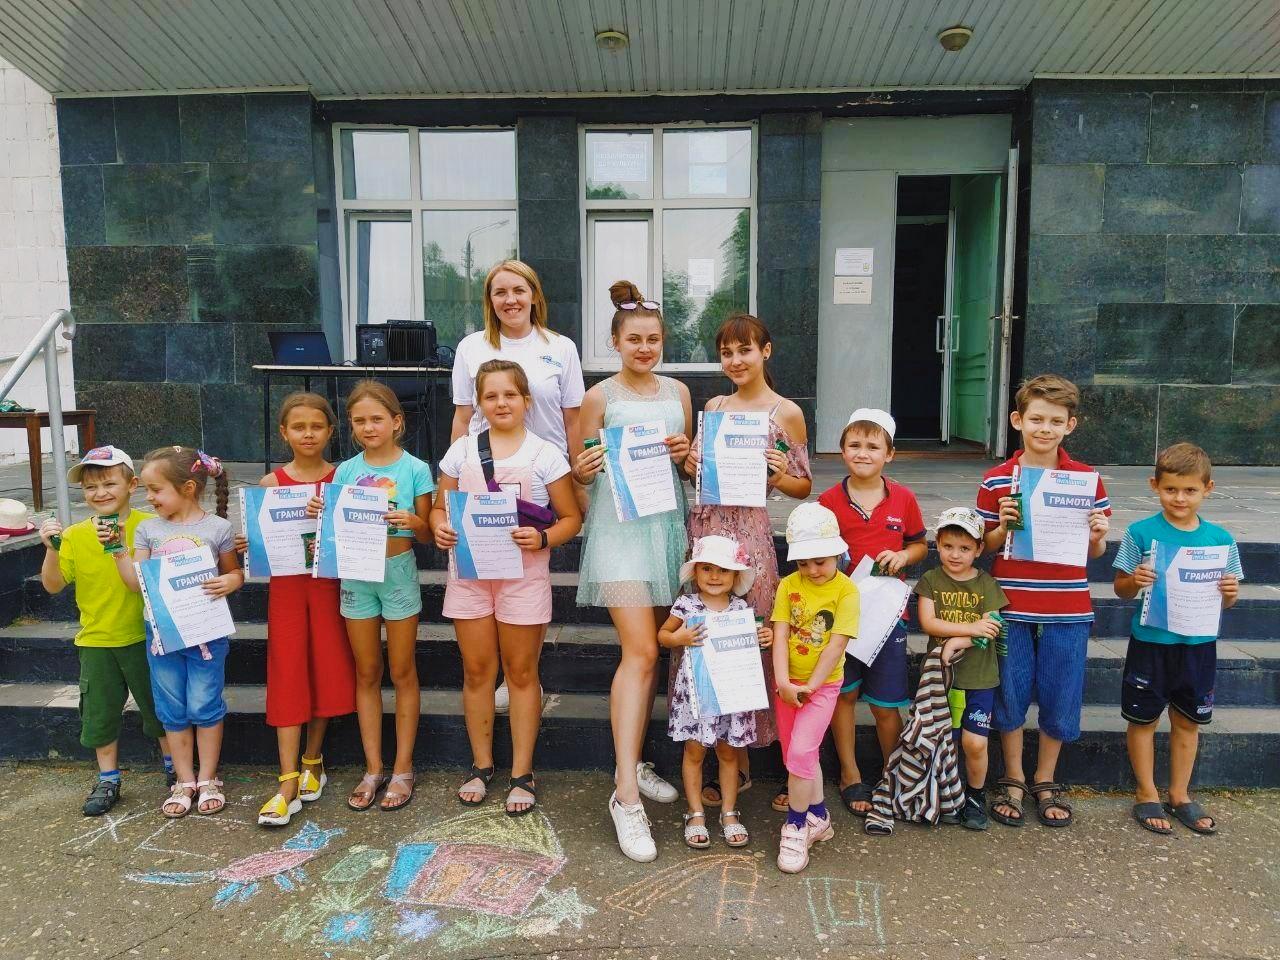 Конкурс рисунков на асфальте «Я рисую гордую страну» состоялся в Металлисте 5